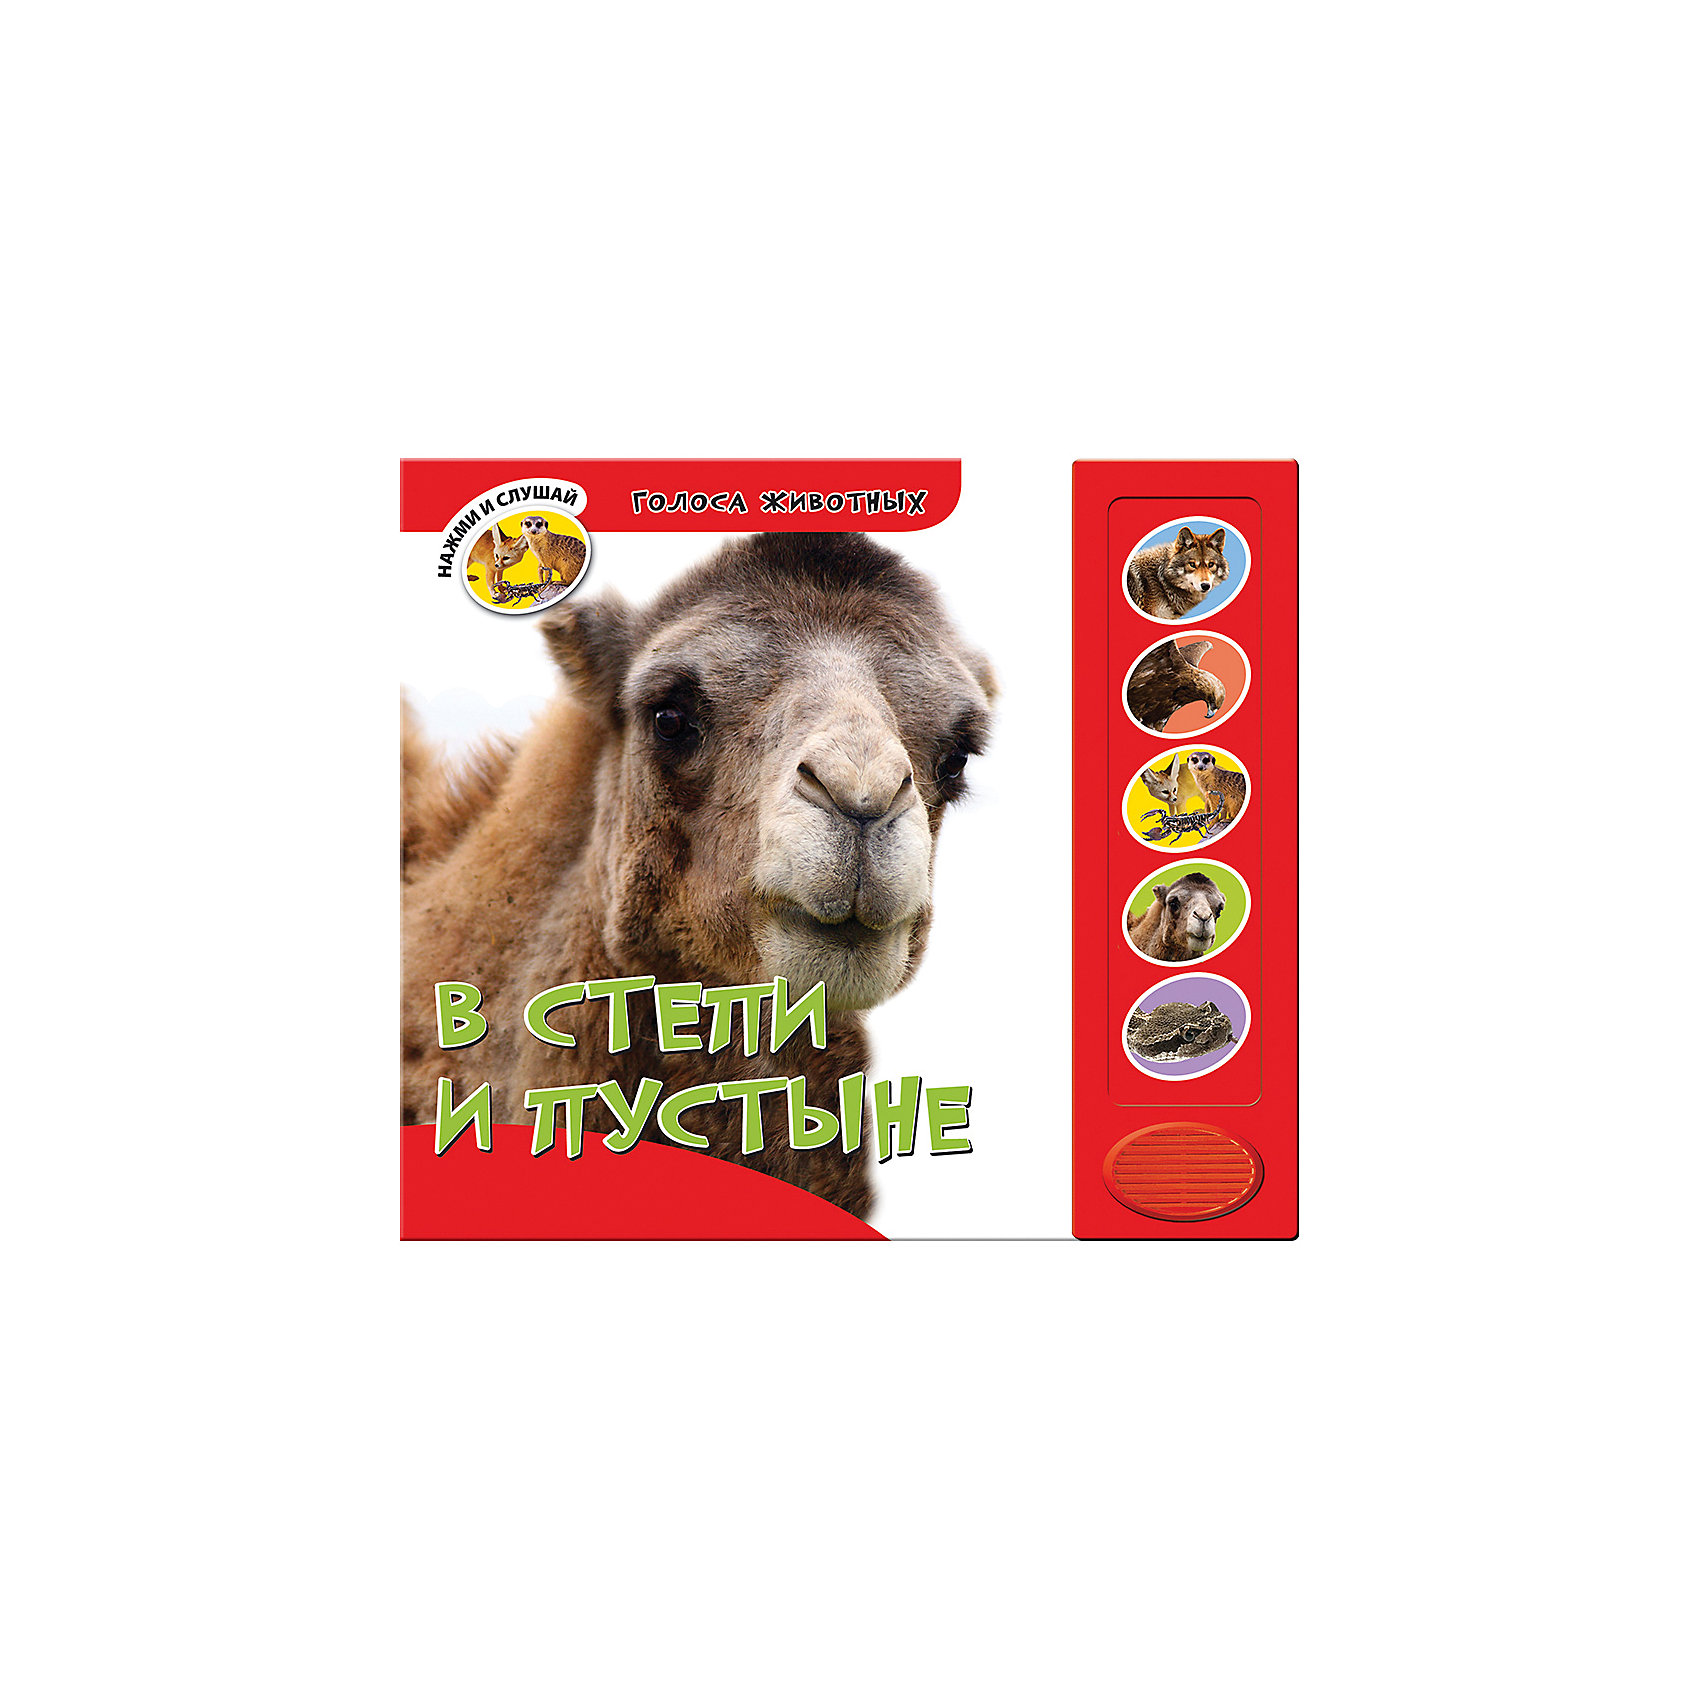 В степи и пустынеЭта замечательная книга познакомит ребенка с удивительным миром степей и пустынь: малыш узнает о койоте, орле, верблюде и других обитателях степей и пустынь. Нажимай на кнопочки, чтобы послушать голоса животных и рассматривай яркие красочные иллюстрации. <br><br>Дополнительная информация:<br>  <br>- Переплет: картон.<br>- Формат: 21х17,5 см.<br>- Количество страниц: 14.<br>- Иллюстрации: цветные. <br>- Элемент питания: батарейки AG13/LR44 (в комплекте).<br><br>Книгу В степи и пустыне можно купить в нашем магазине.<br><br>Ширина мм: 200<br>Глубина мм: 150<br>Высота мм: 20<br>Вес г: 285<br>Возраст от месяцев: 24<br>Возраст до месяцев: 60<br>Пол: Унисекс<br>Возраст: Детский<br>SKU: 4603749